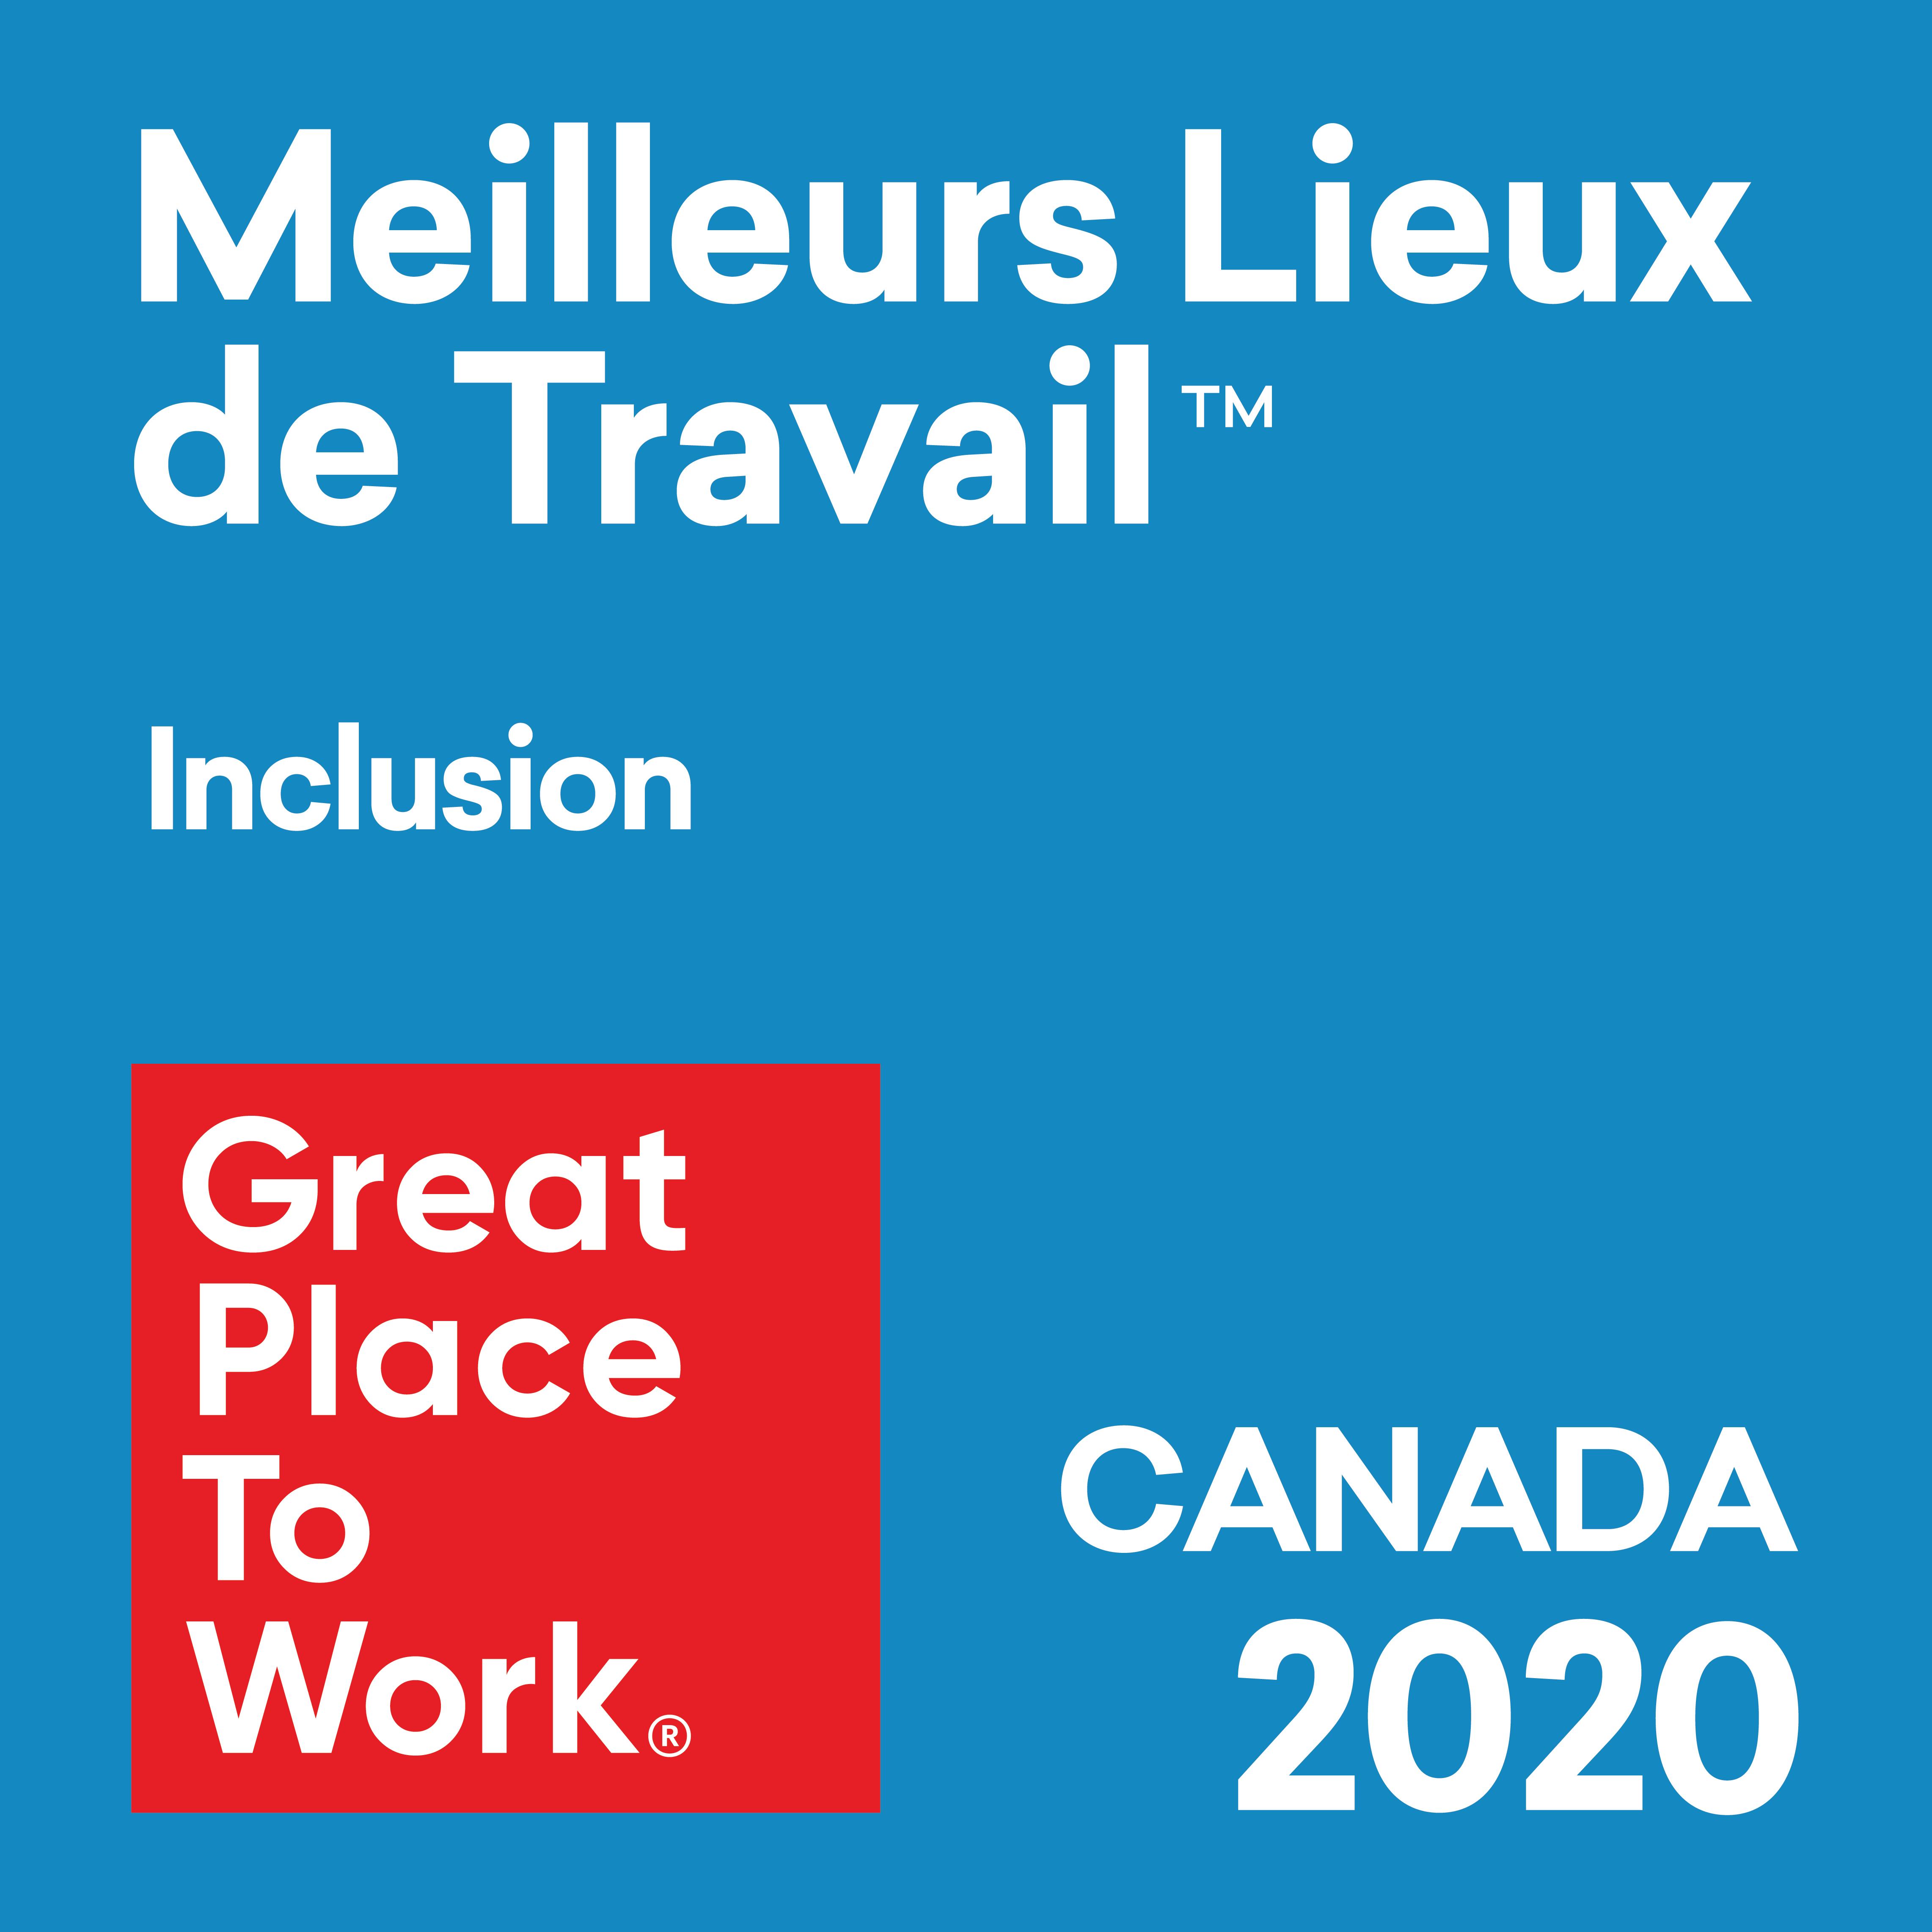 Meilleurs lieux de travail. Inclusion. Great Place To Work. Canada 2020.